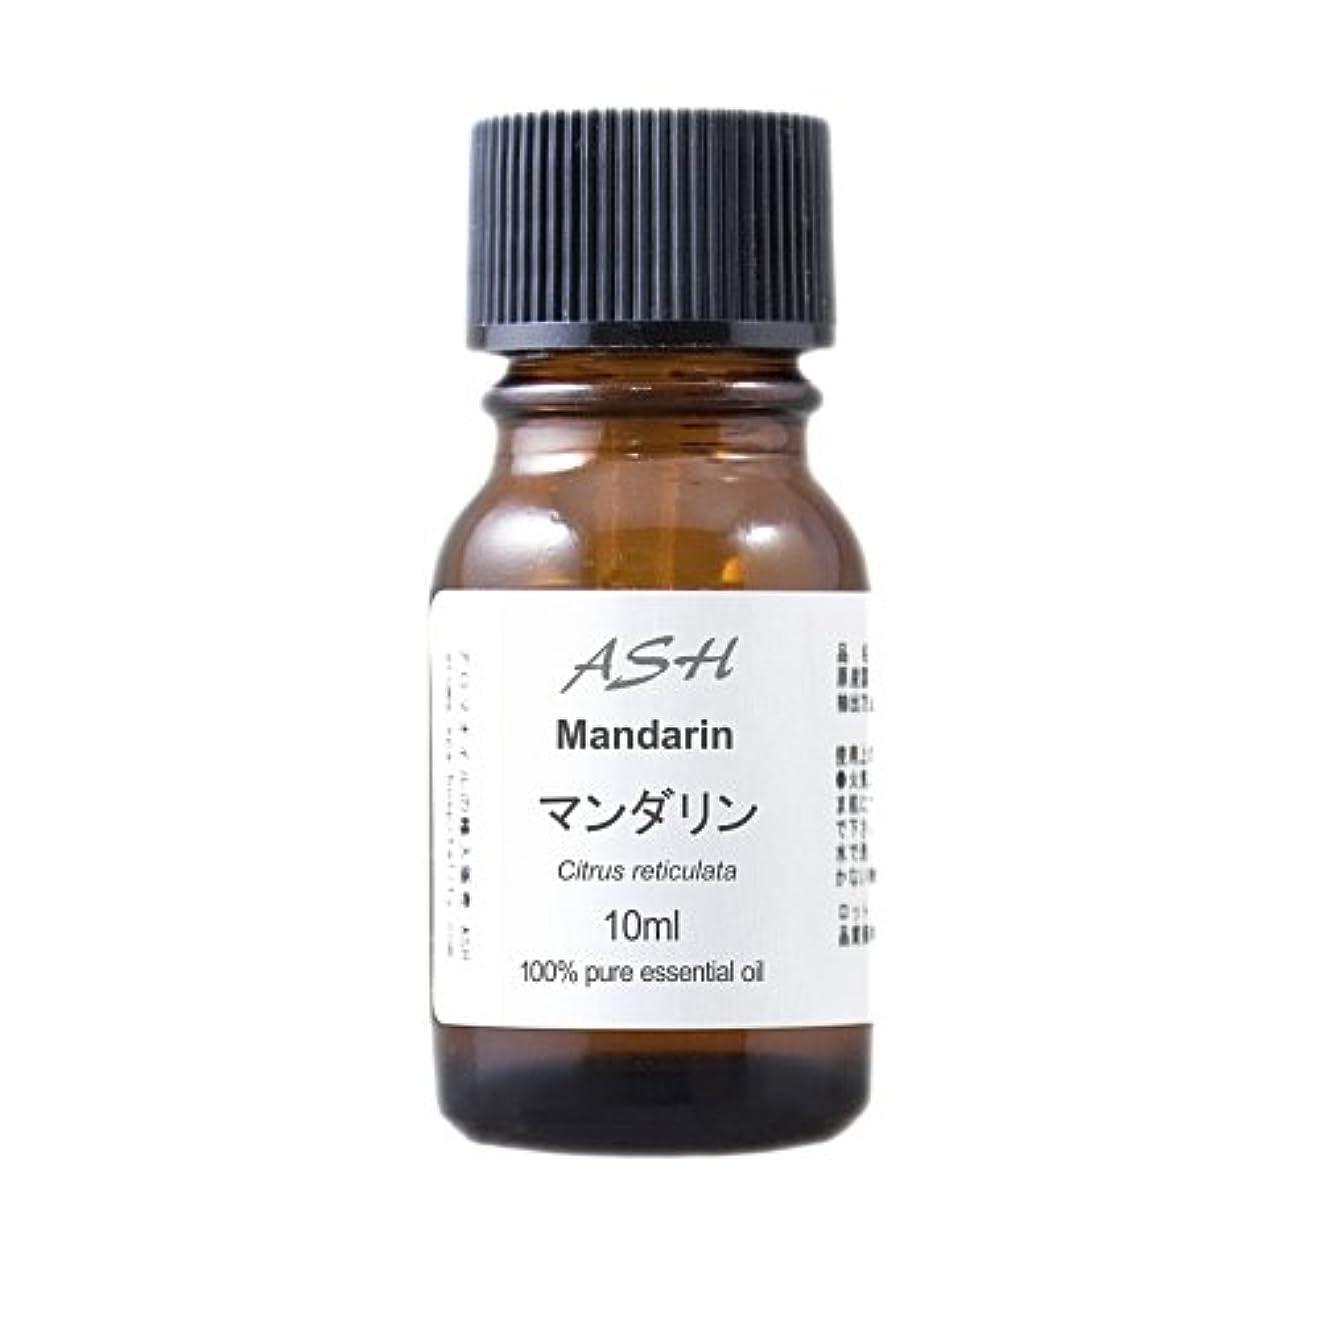 ルーキー委任終了するASH マンダリン エッセンシャルオイル 10ml AEAJ表示基準適合認定精油